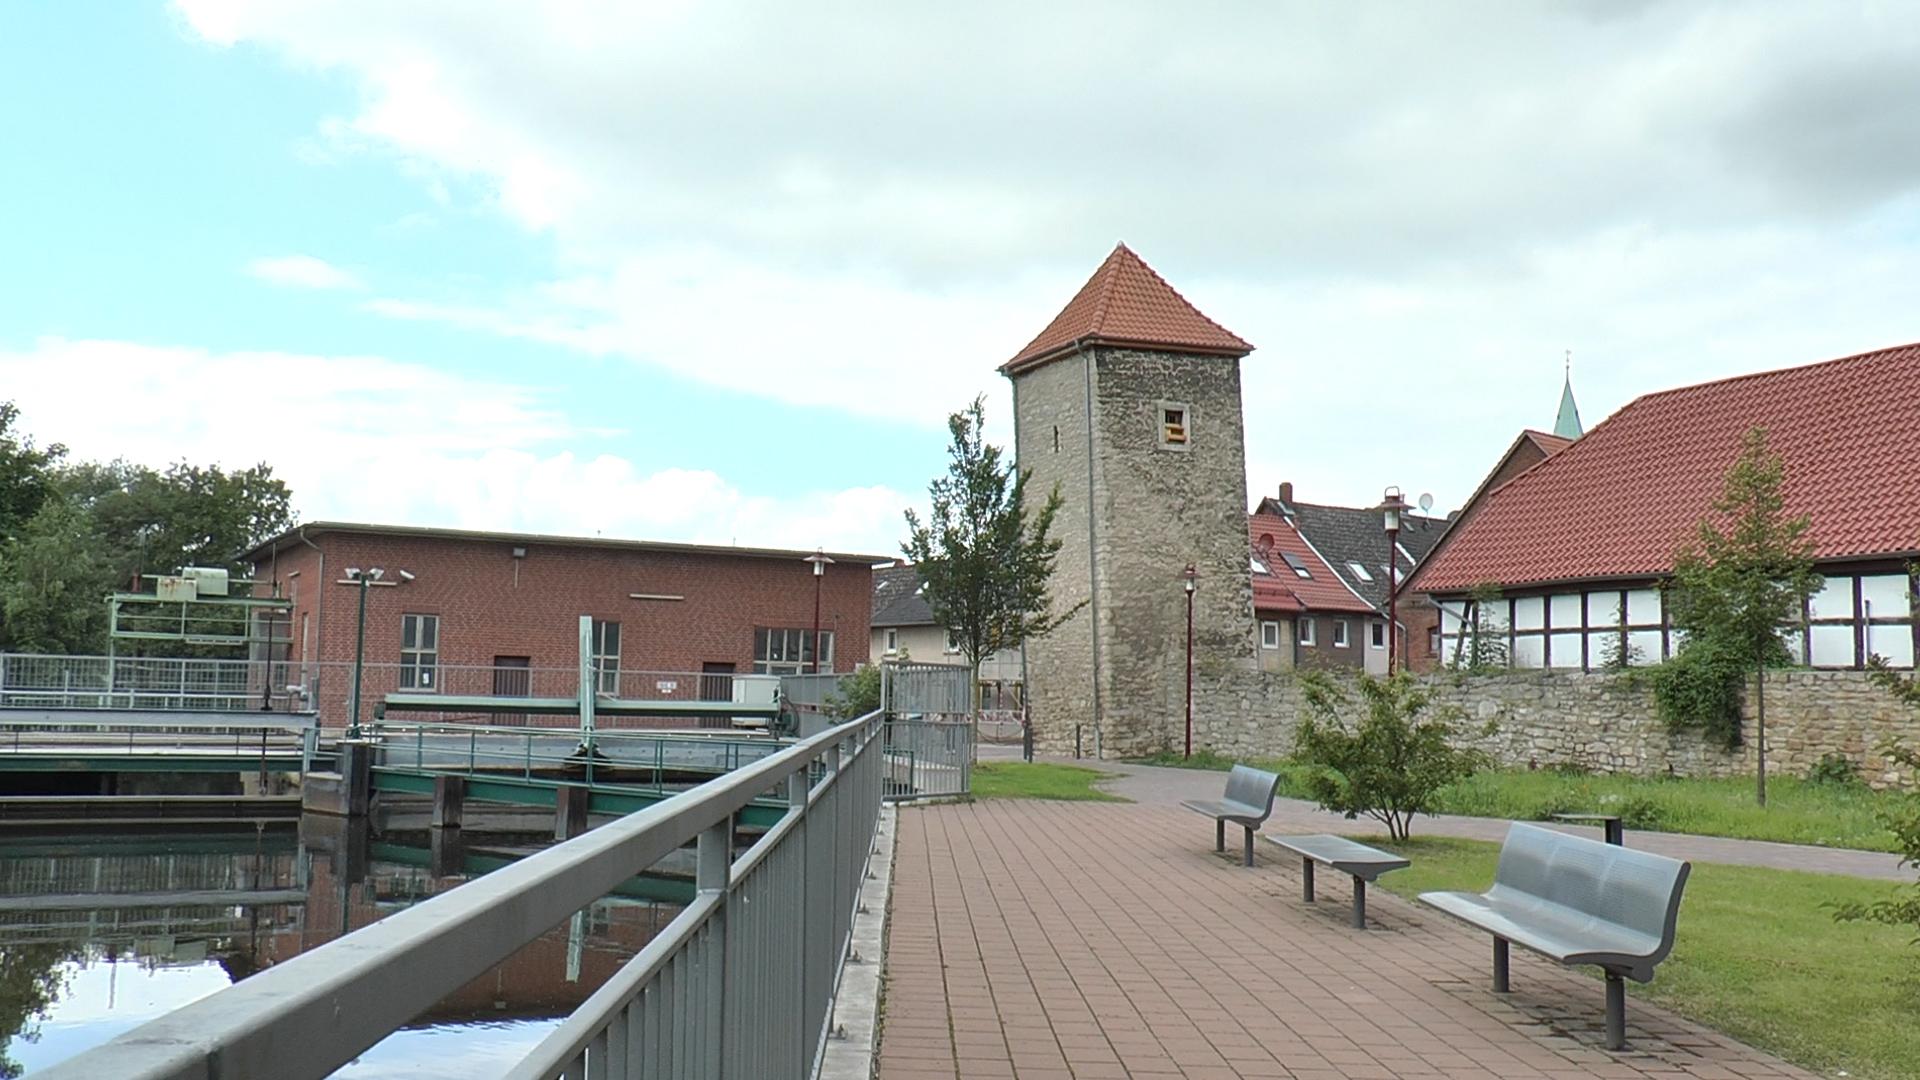 Schiefer Turm von Gronau